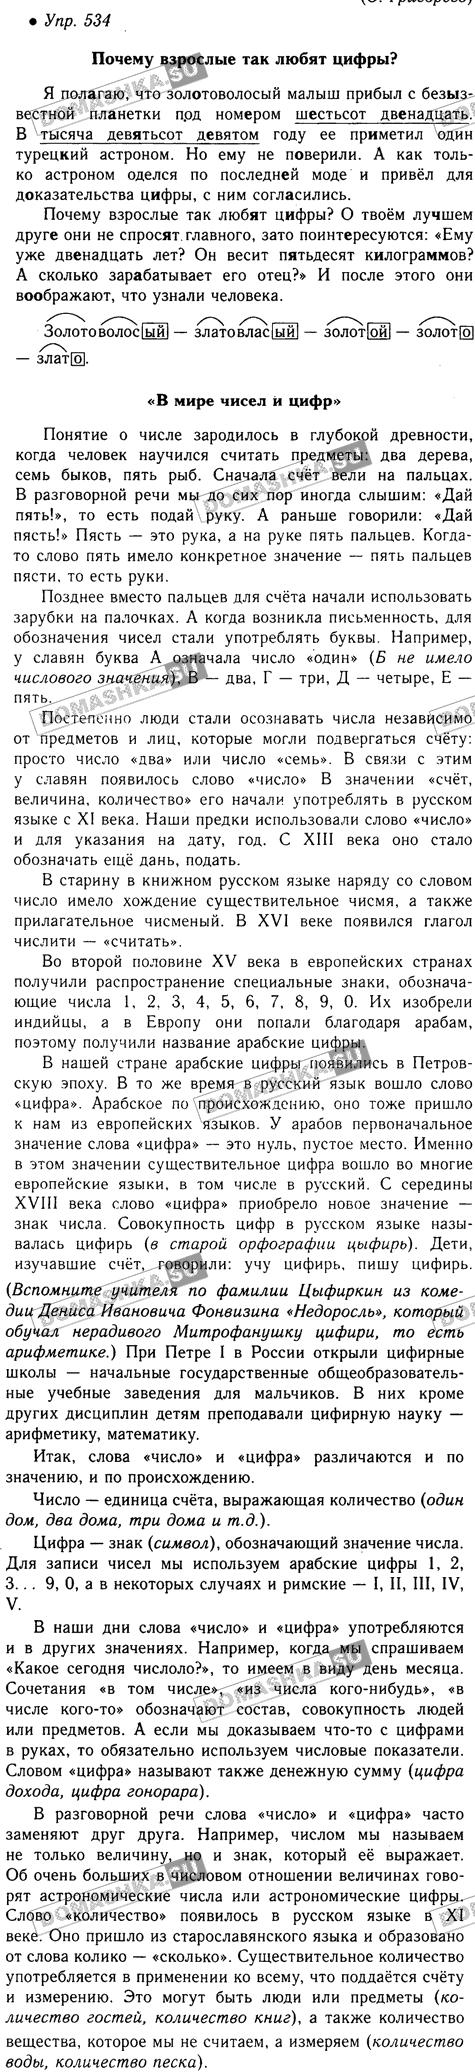 5 русскому 534 по часть языку гдз номер класс 2